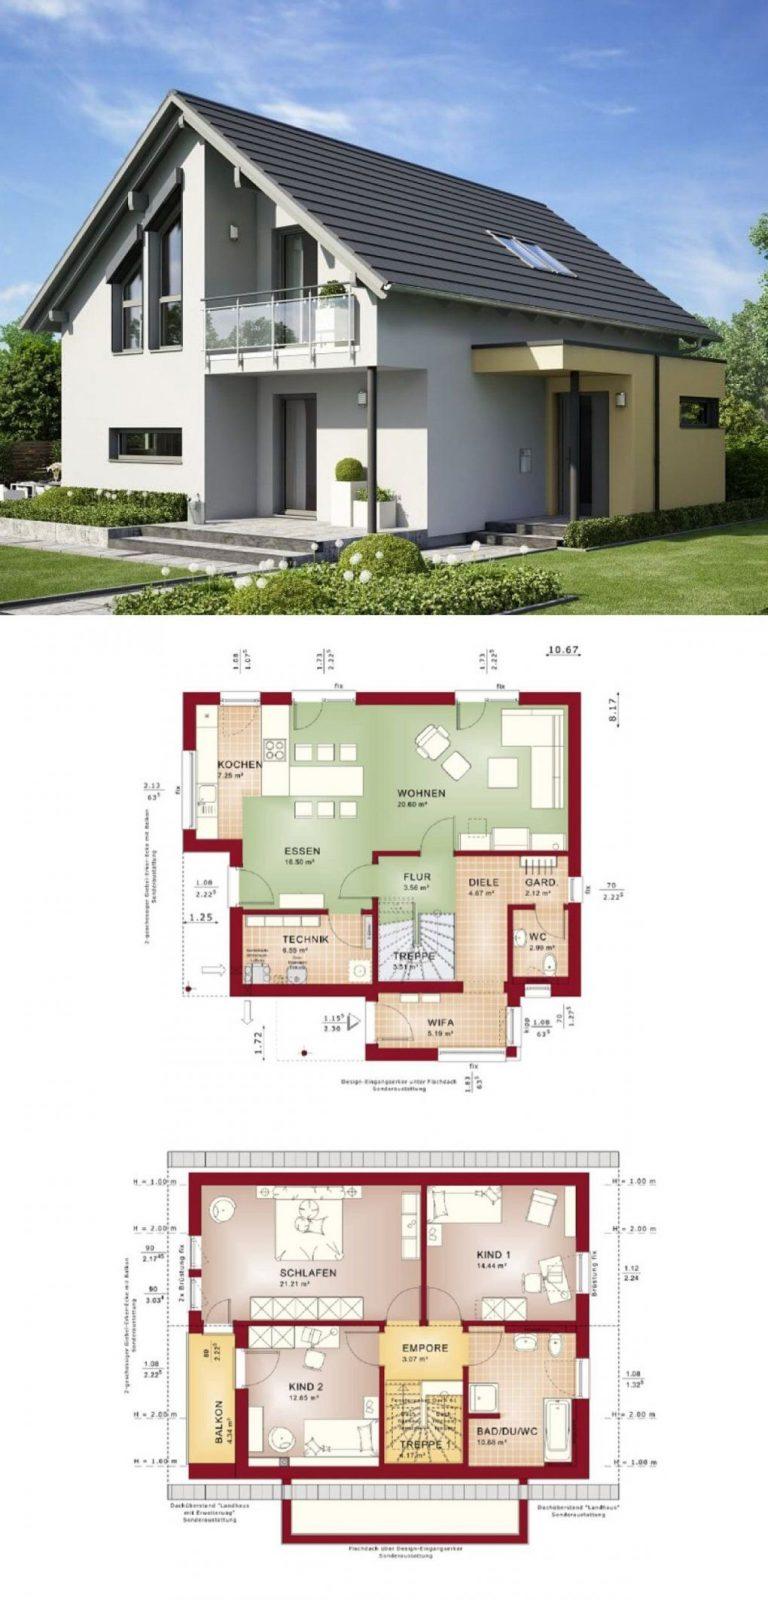 Einfamilienhaus Edition 1 V6 Bien Zenker  Haus Bauen Grundriss von Bien Zenker Edition 1 Bild